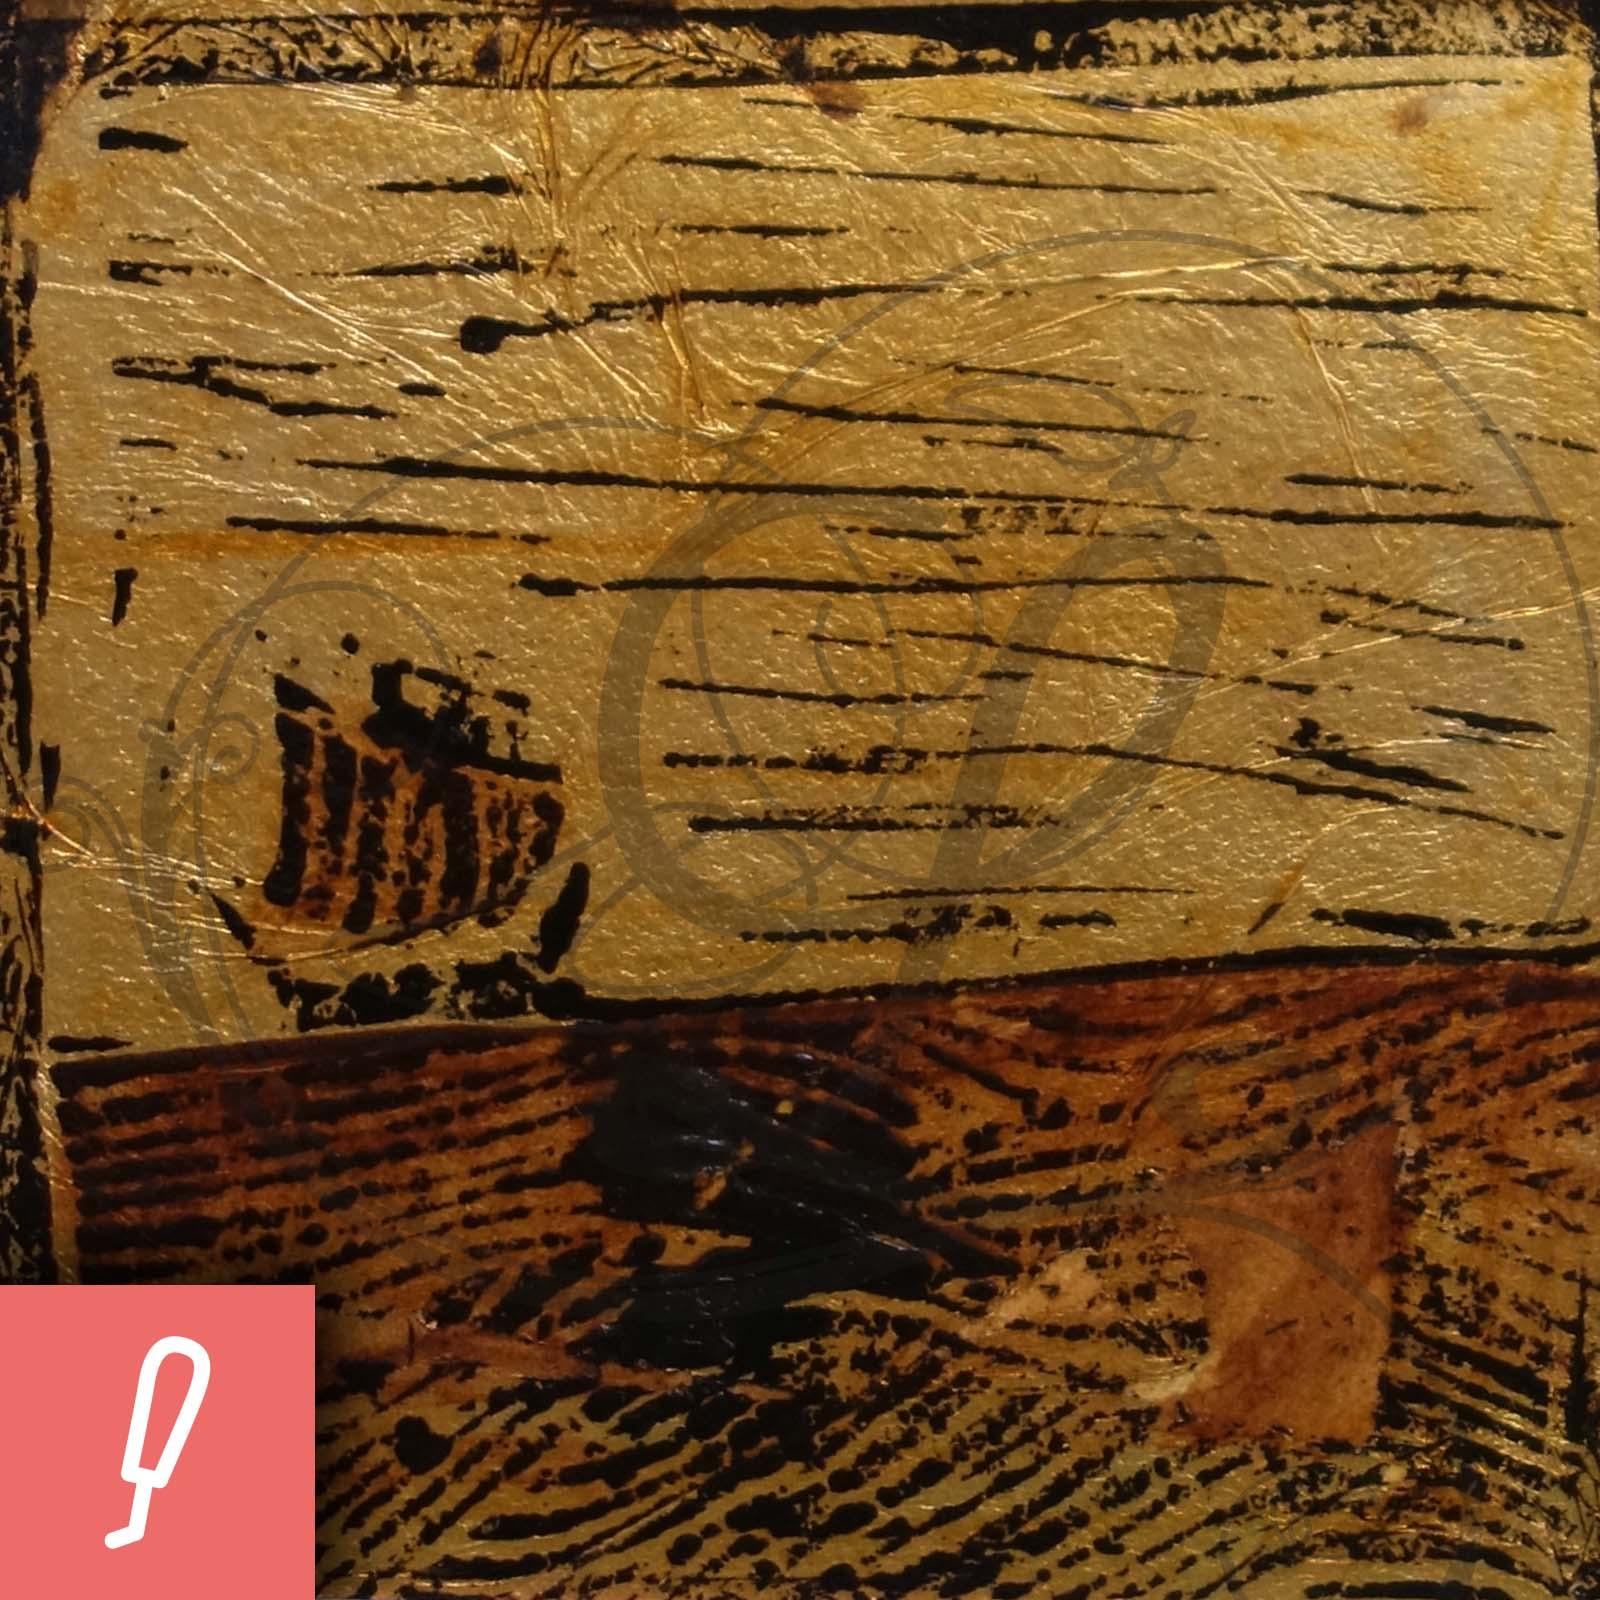 kadeg-gravure-127-01